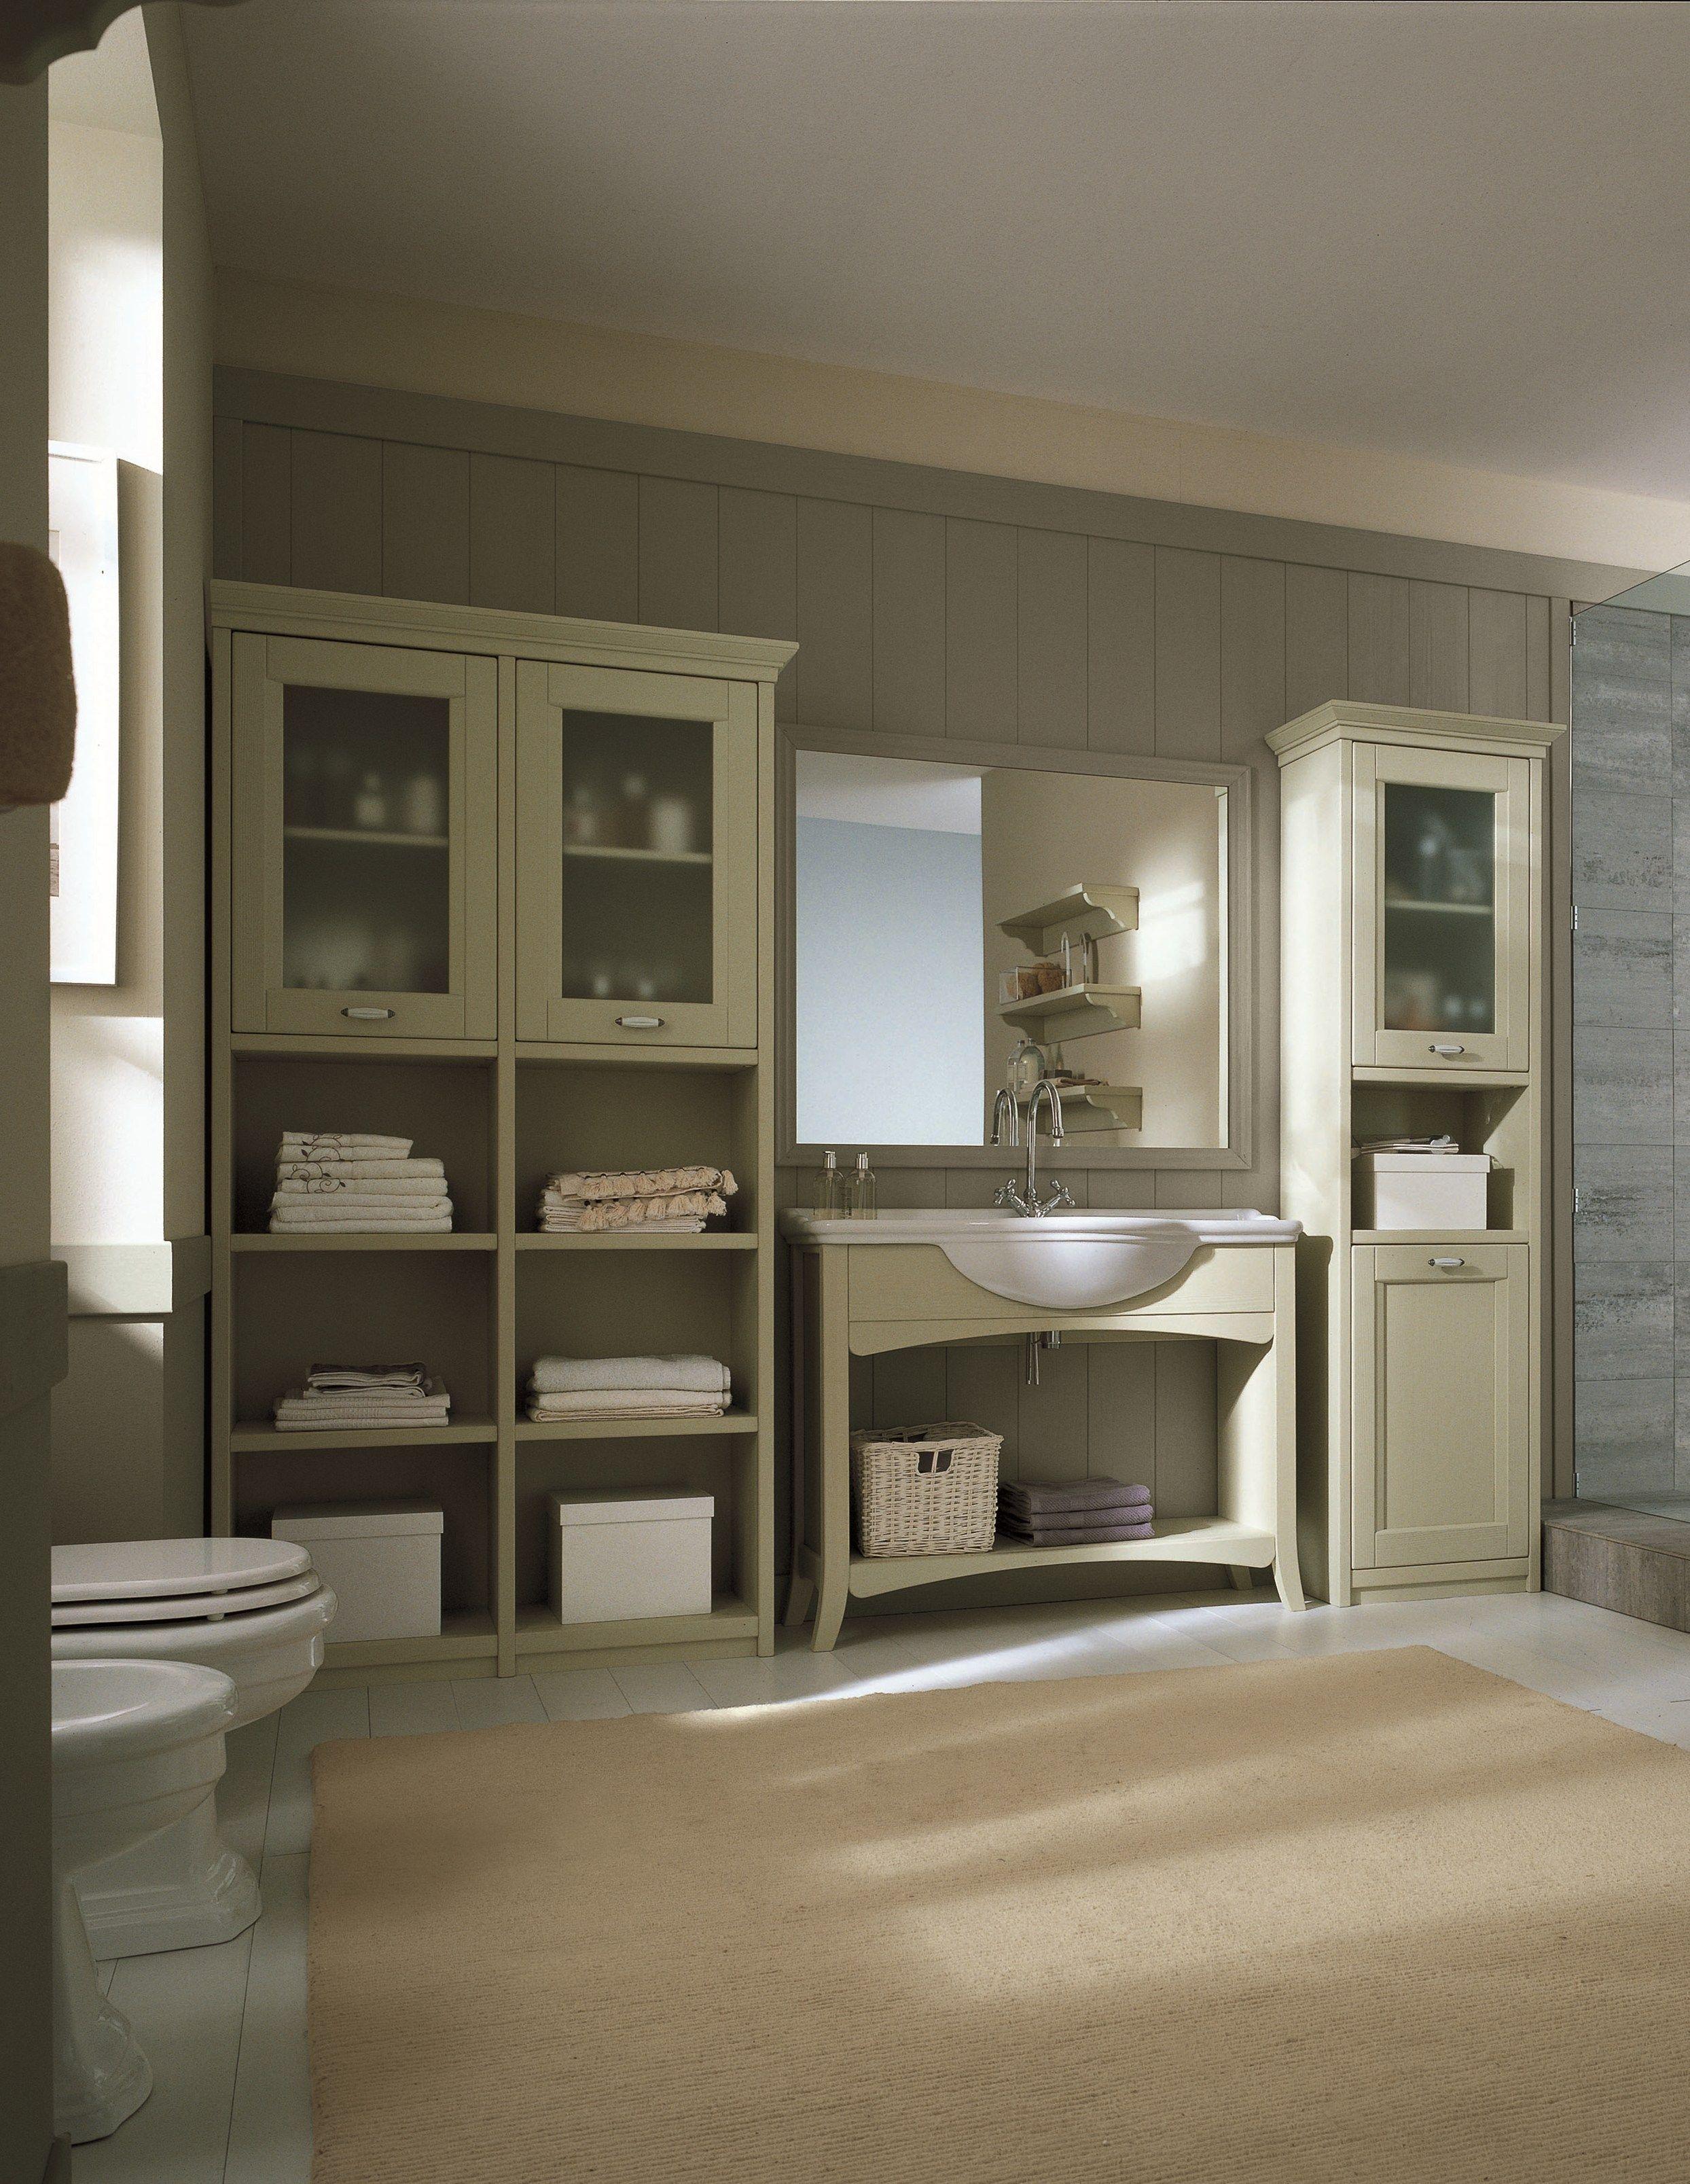 Waschtischunterschrank aus holz by scandola mobili for Waschtischunterschrank holz